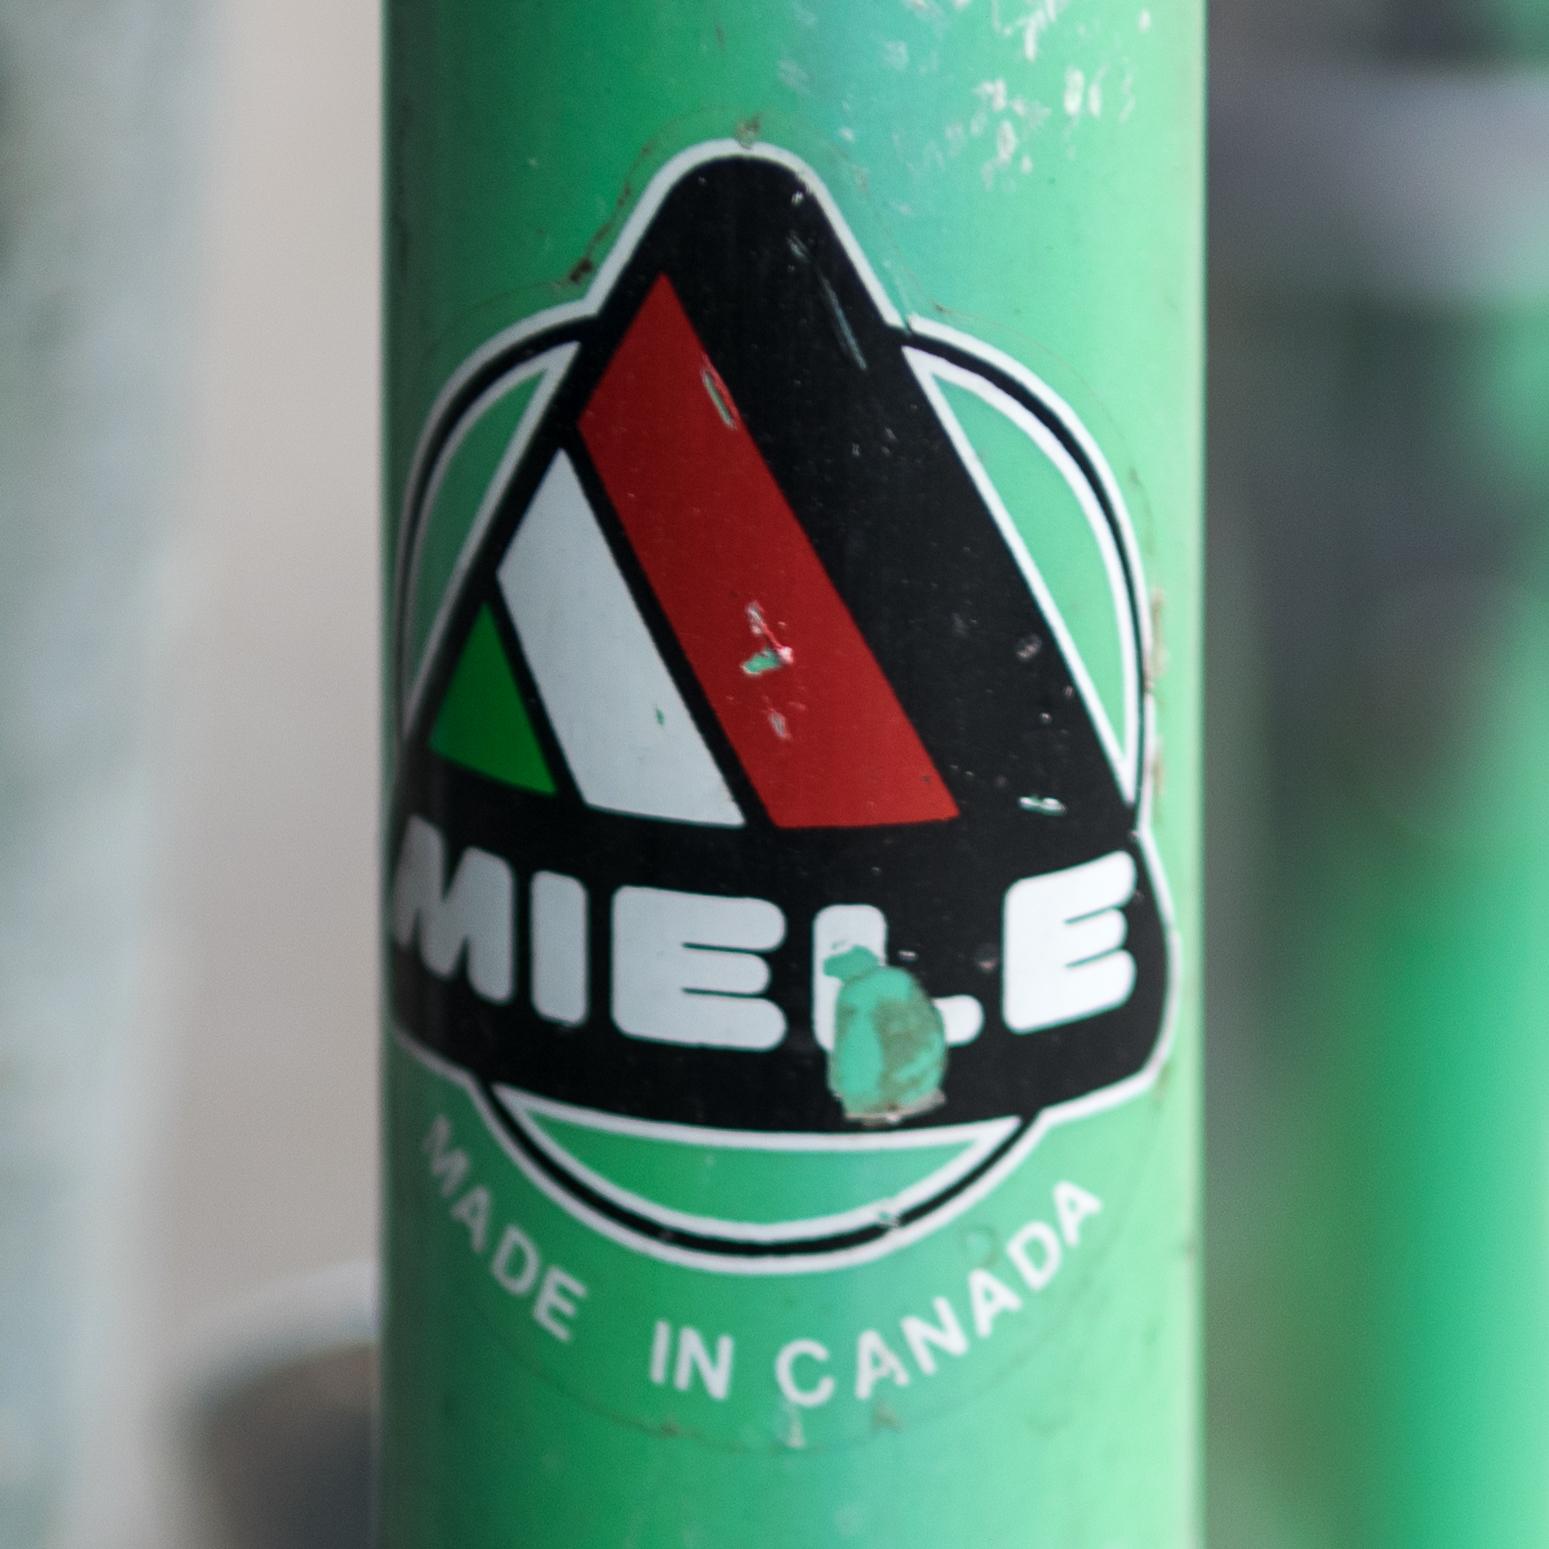 17-08-07-Fahrräder-Montreal-RalfR-DSC 4262.jpg